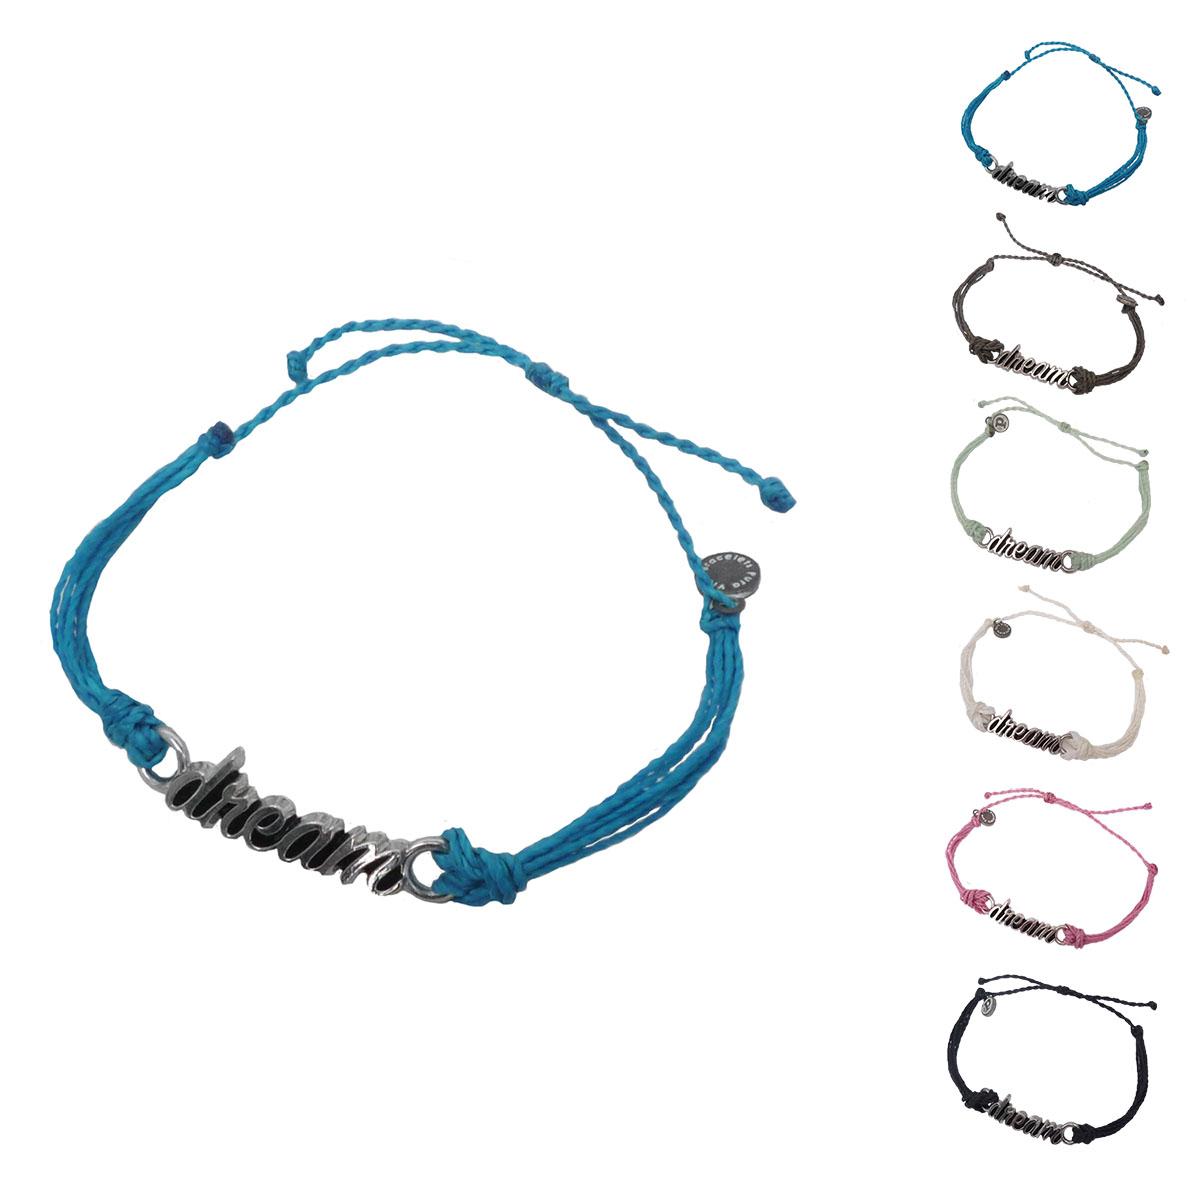 画像1: 【セール 80%OFF】puravida bracelets プラヴィダブレスレット SILVER WORD DREAM 全6色 レディース/メンズ (1)